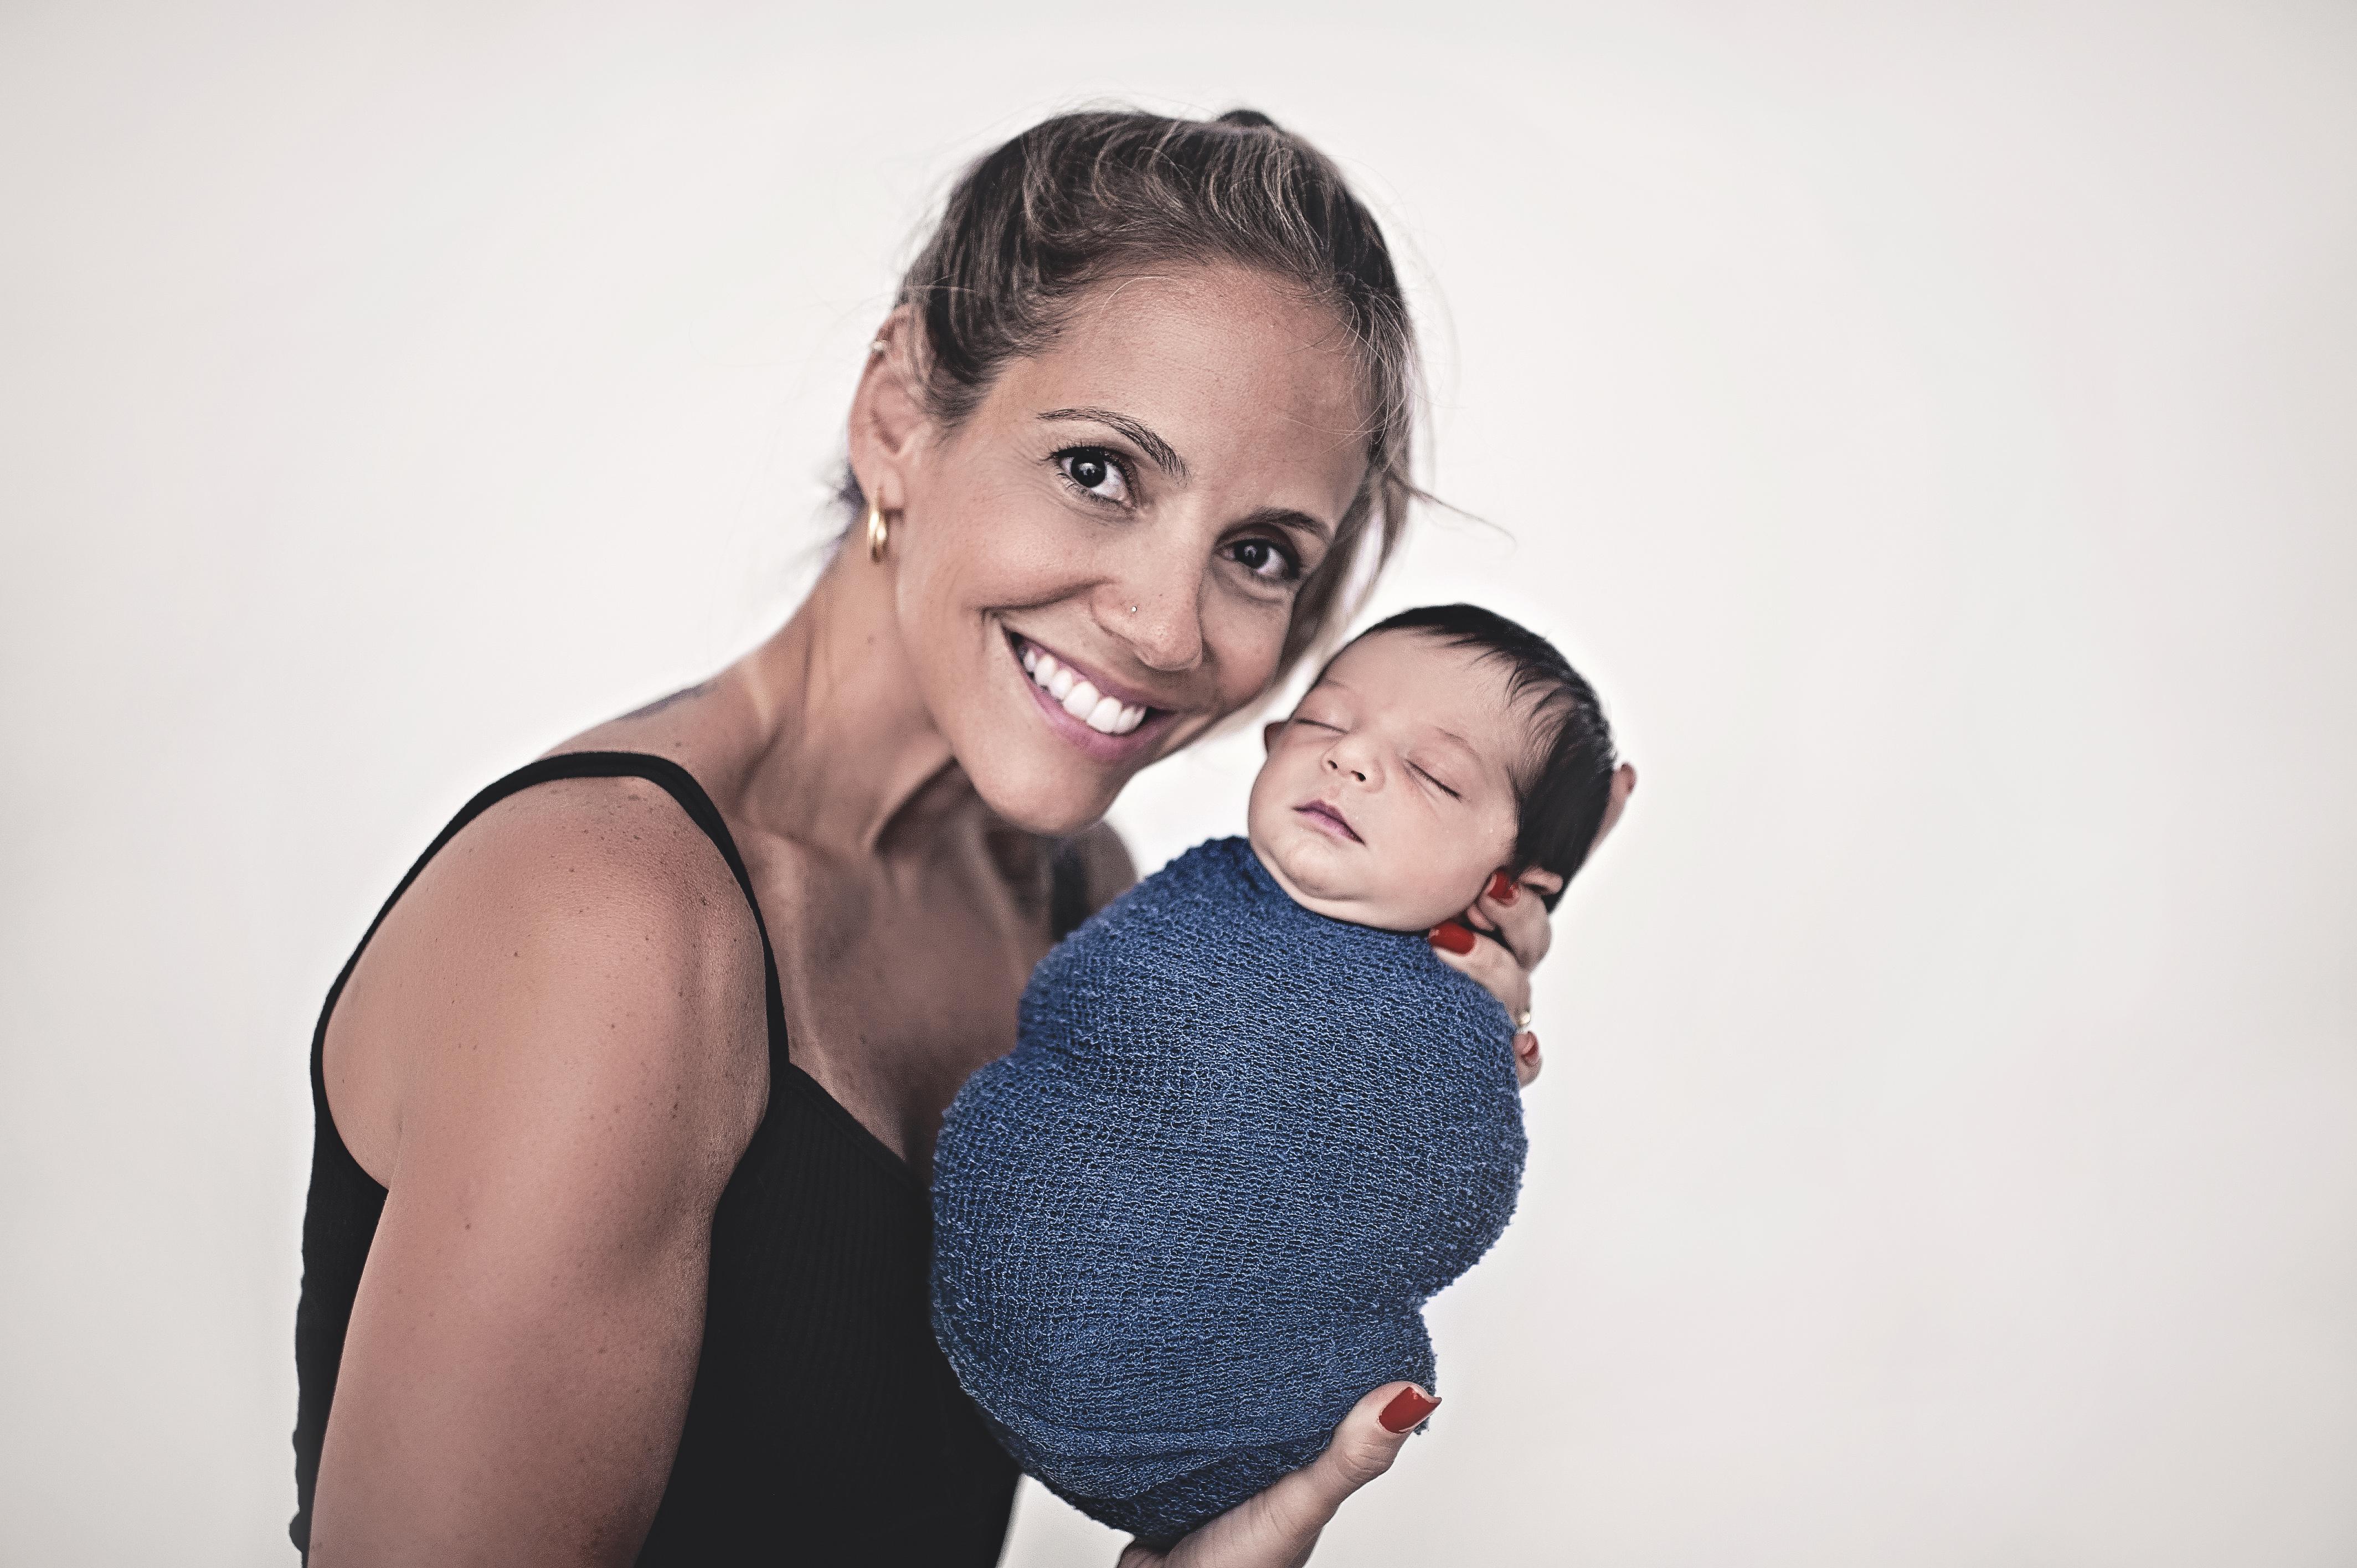 Sobre Rita Rodrigues Fotografia - fotógrafa especializada em fotografia newborn, fotografia de bebês e gestantes